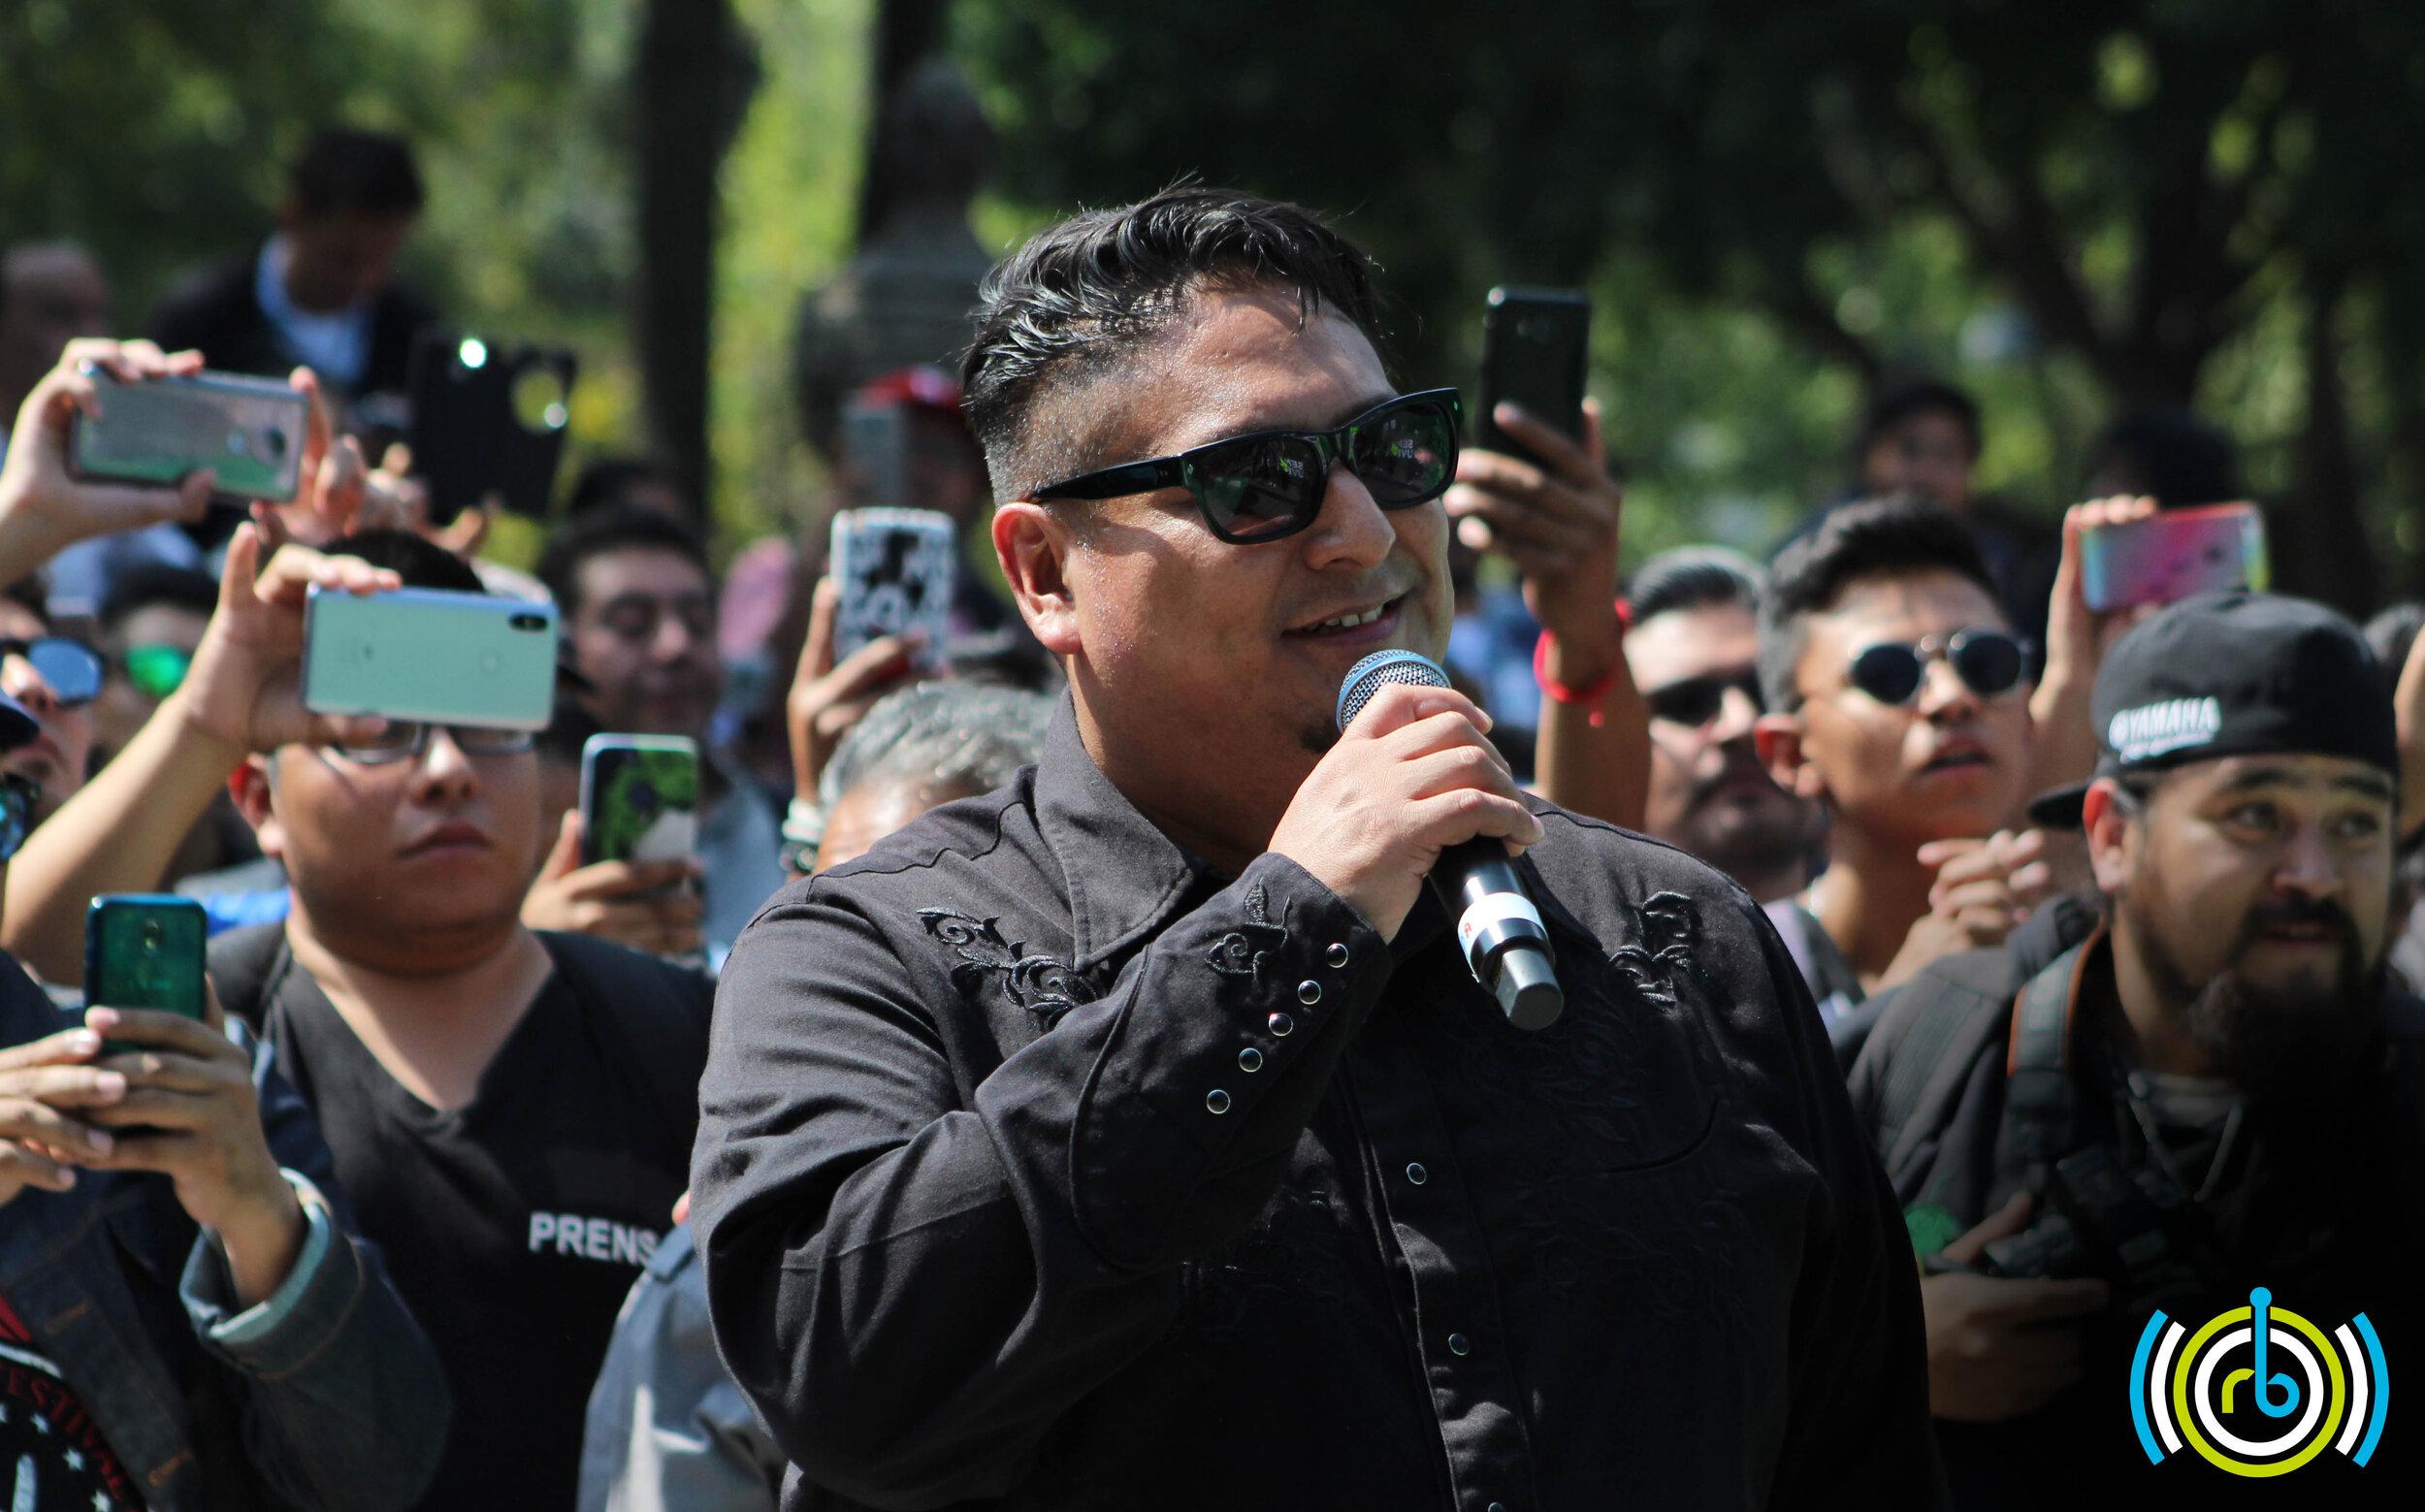 Semana de las juventudes / Big Javy / 2019 / Foto: Raúl Bautista